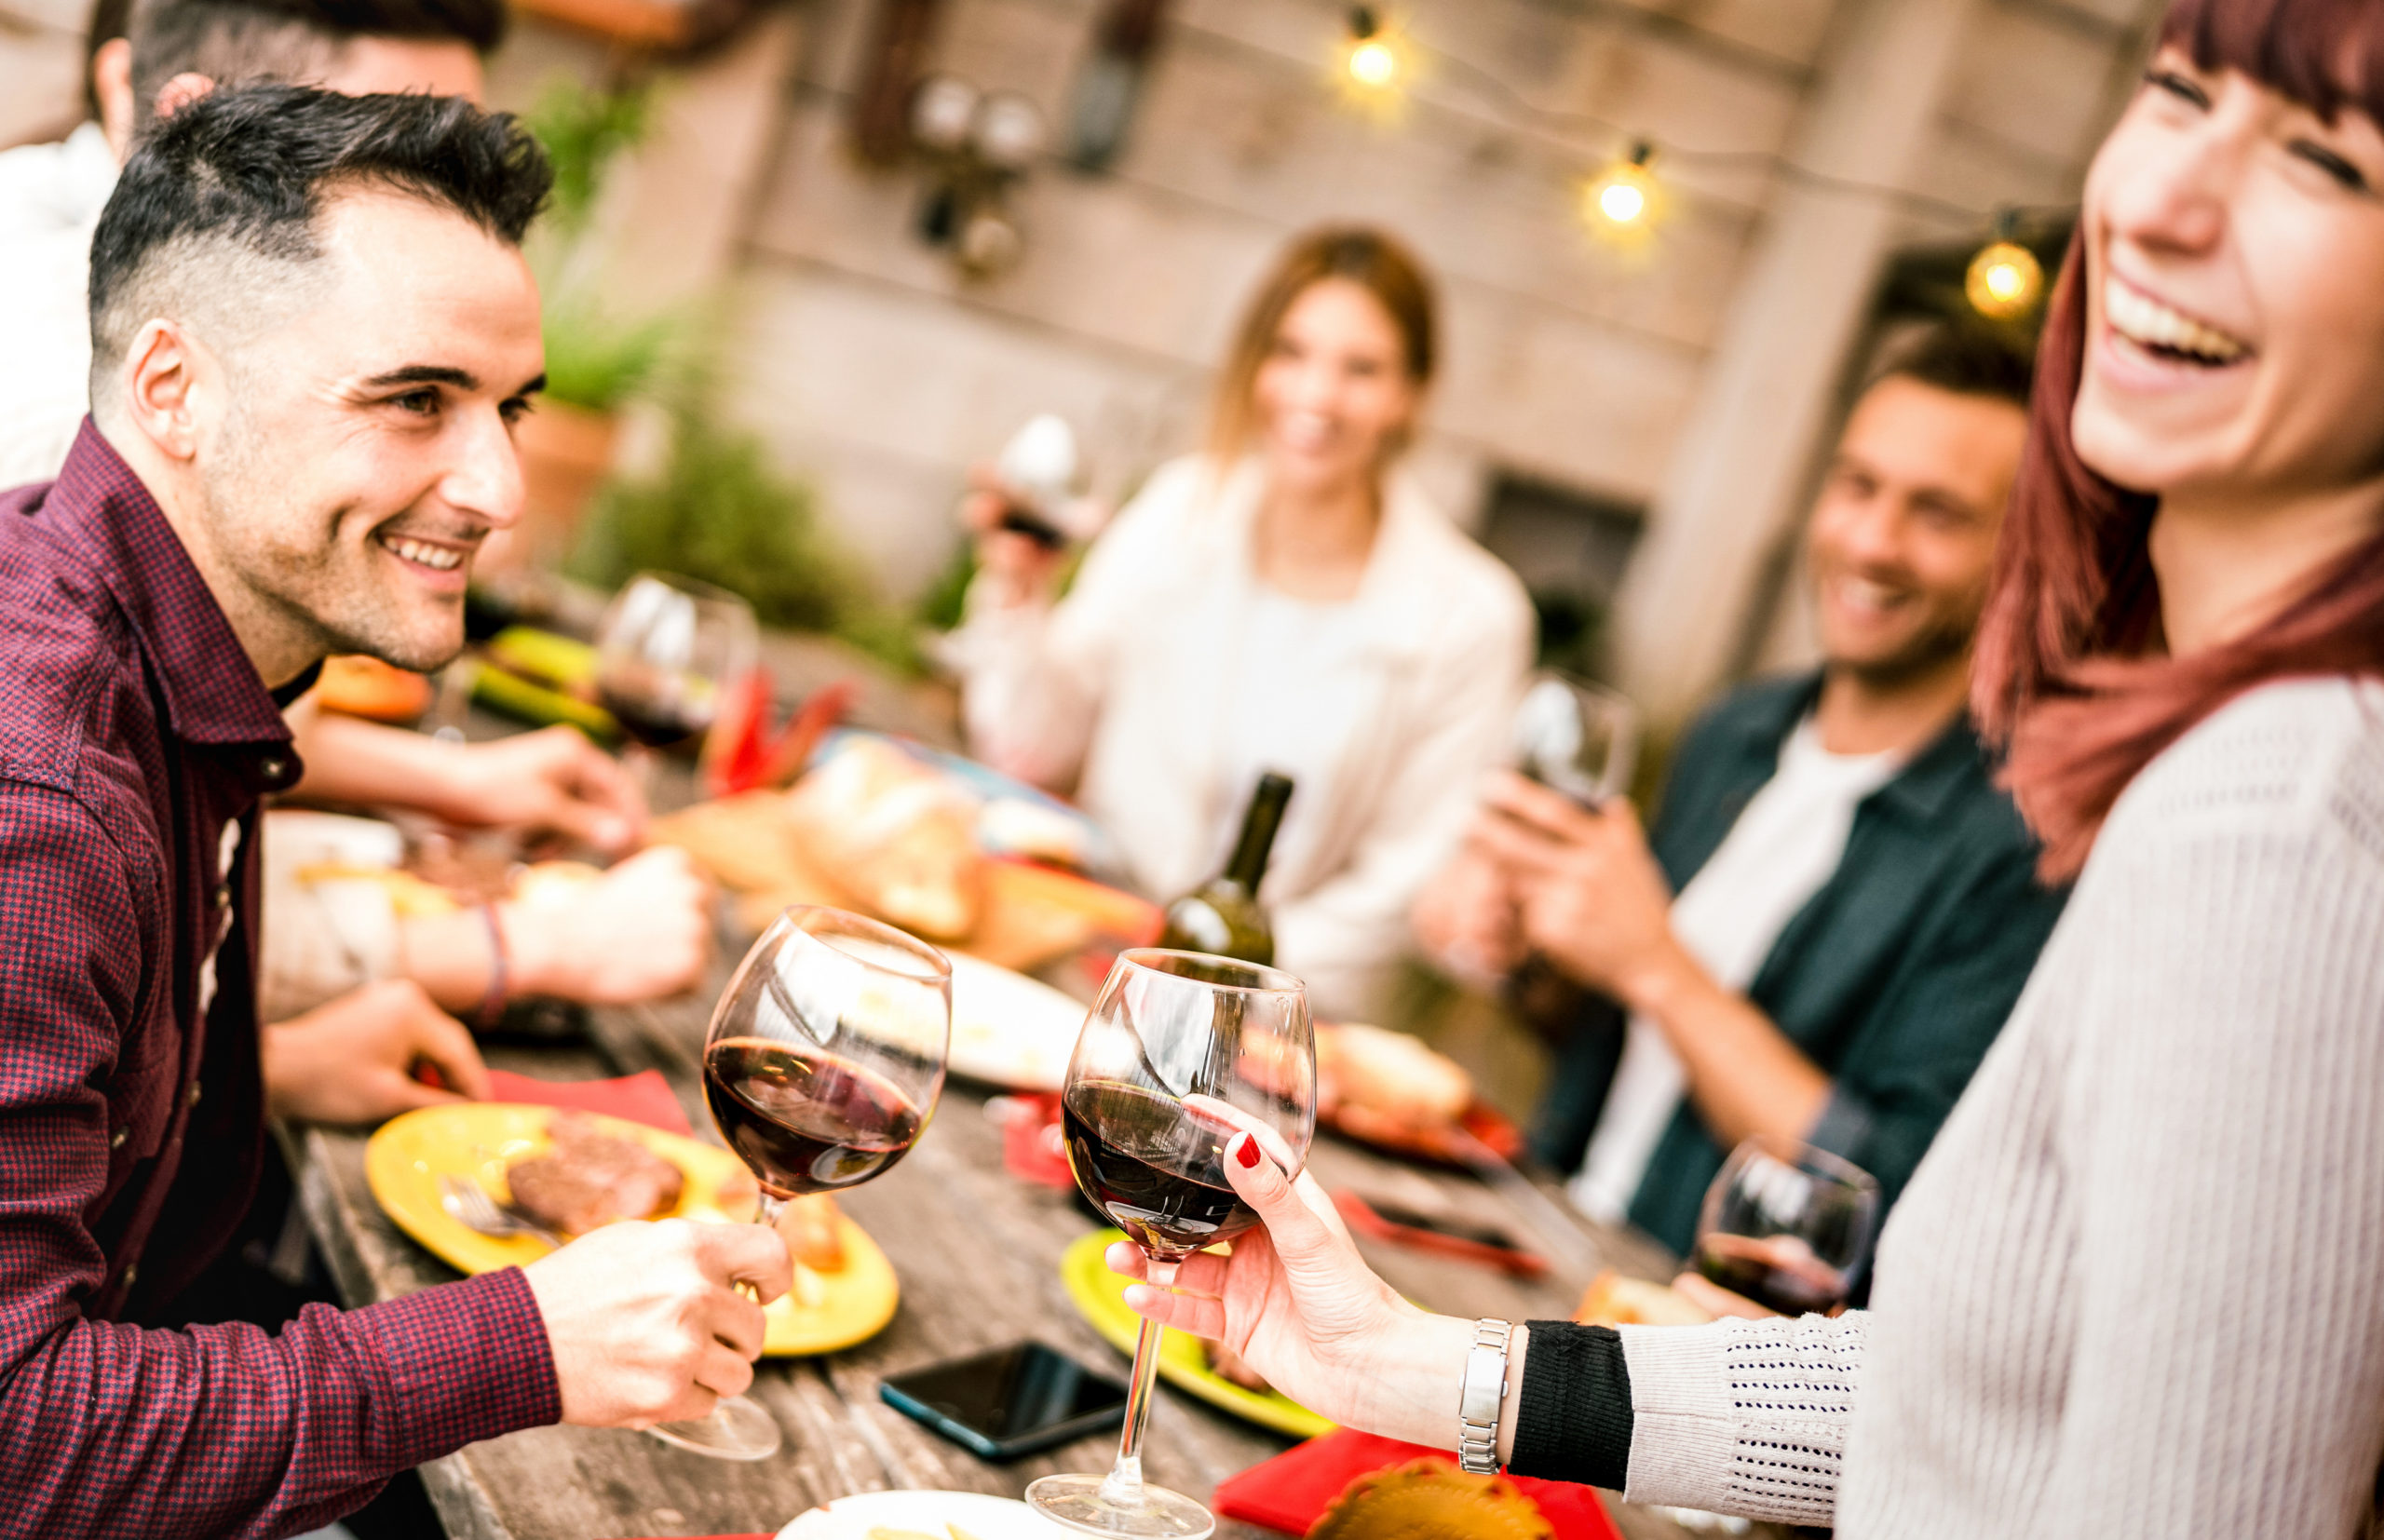 Catando vinos en casa con amigos